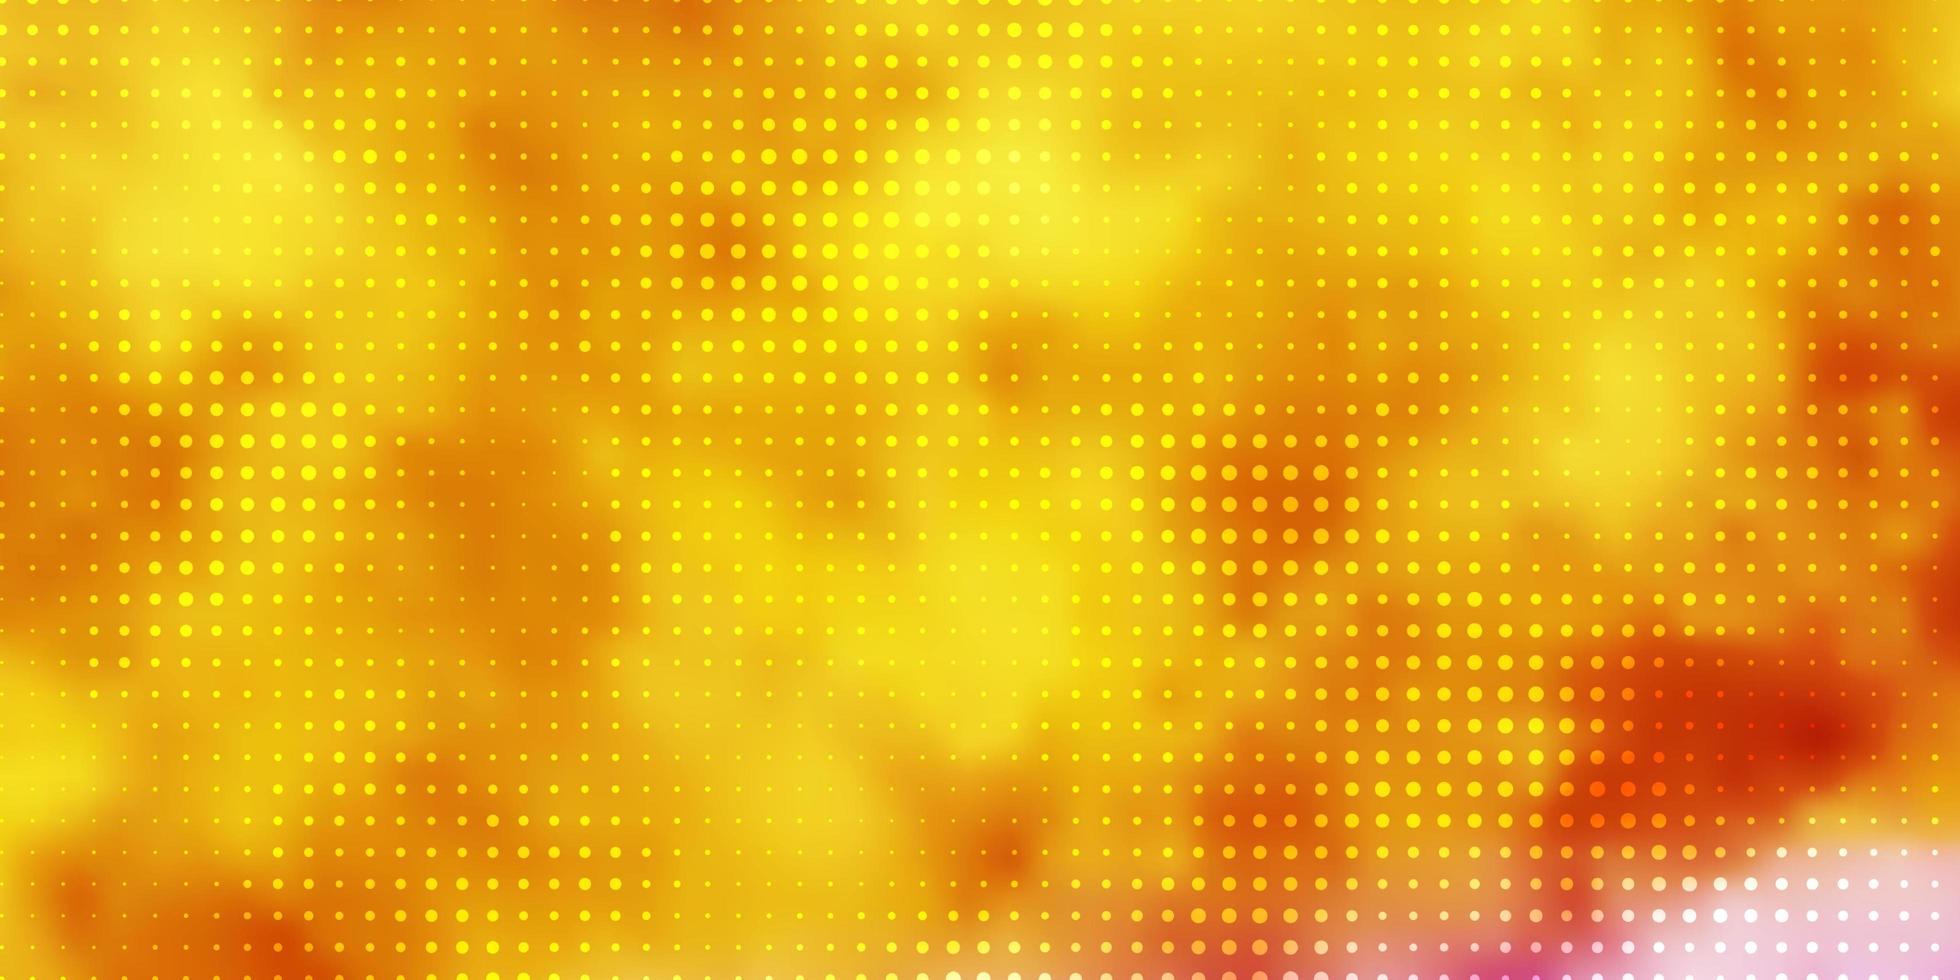 lichtroze, geel vectormalplaatje met cirkels. vector